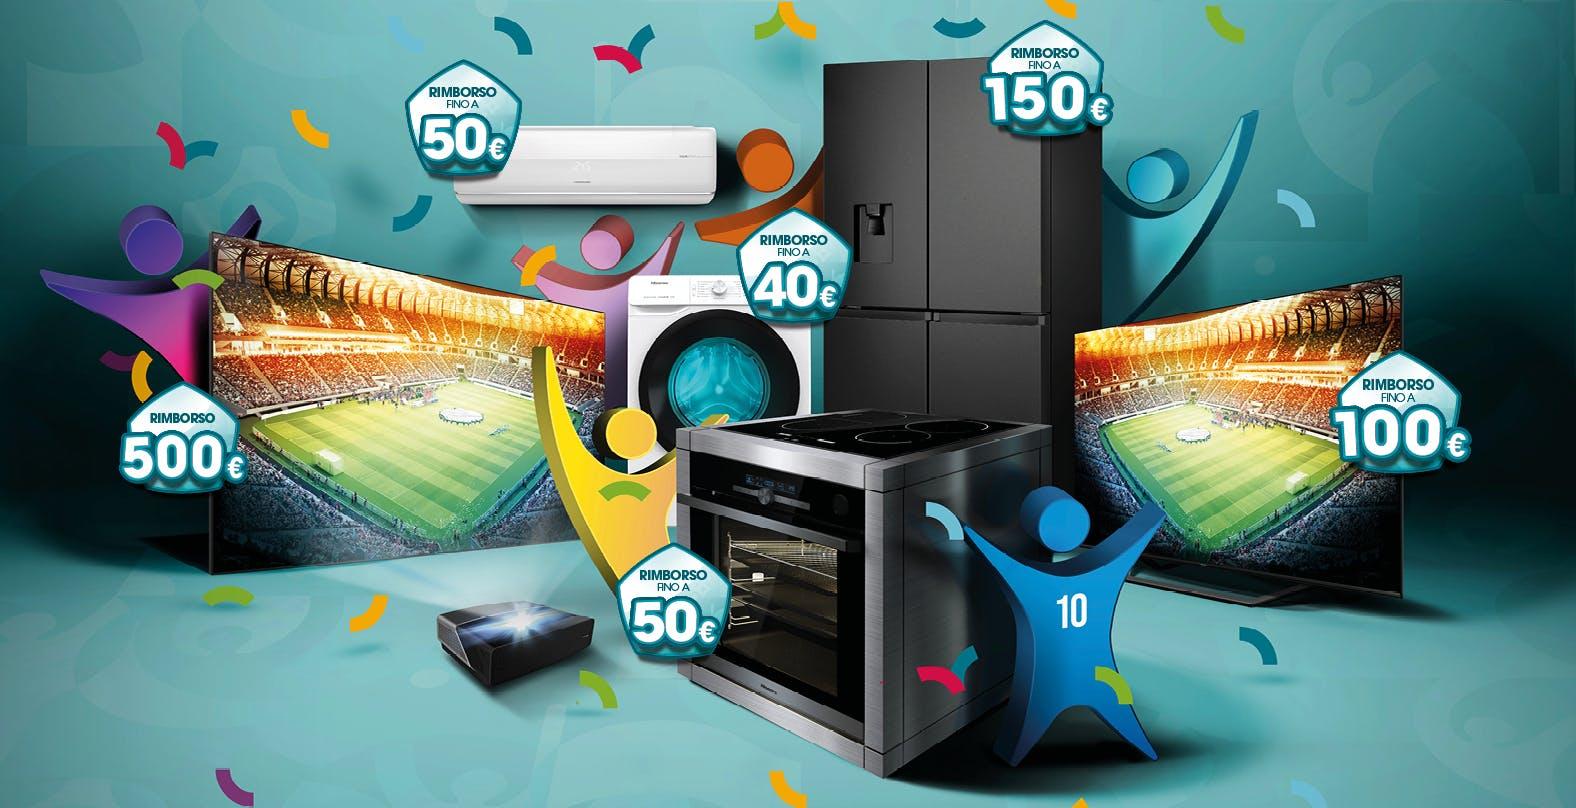 Hisense offre fino a 500 euro di rimborso per l'acquisto di Laser TV, Smart TV ed elettrodomestici